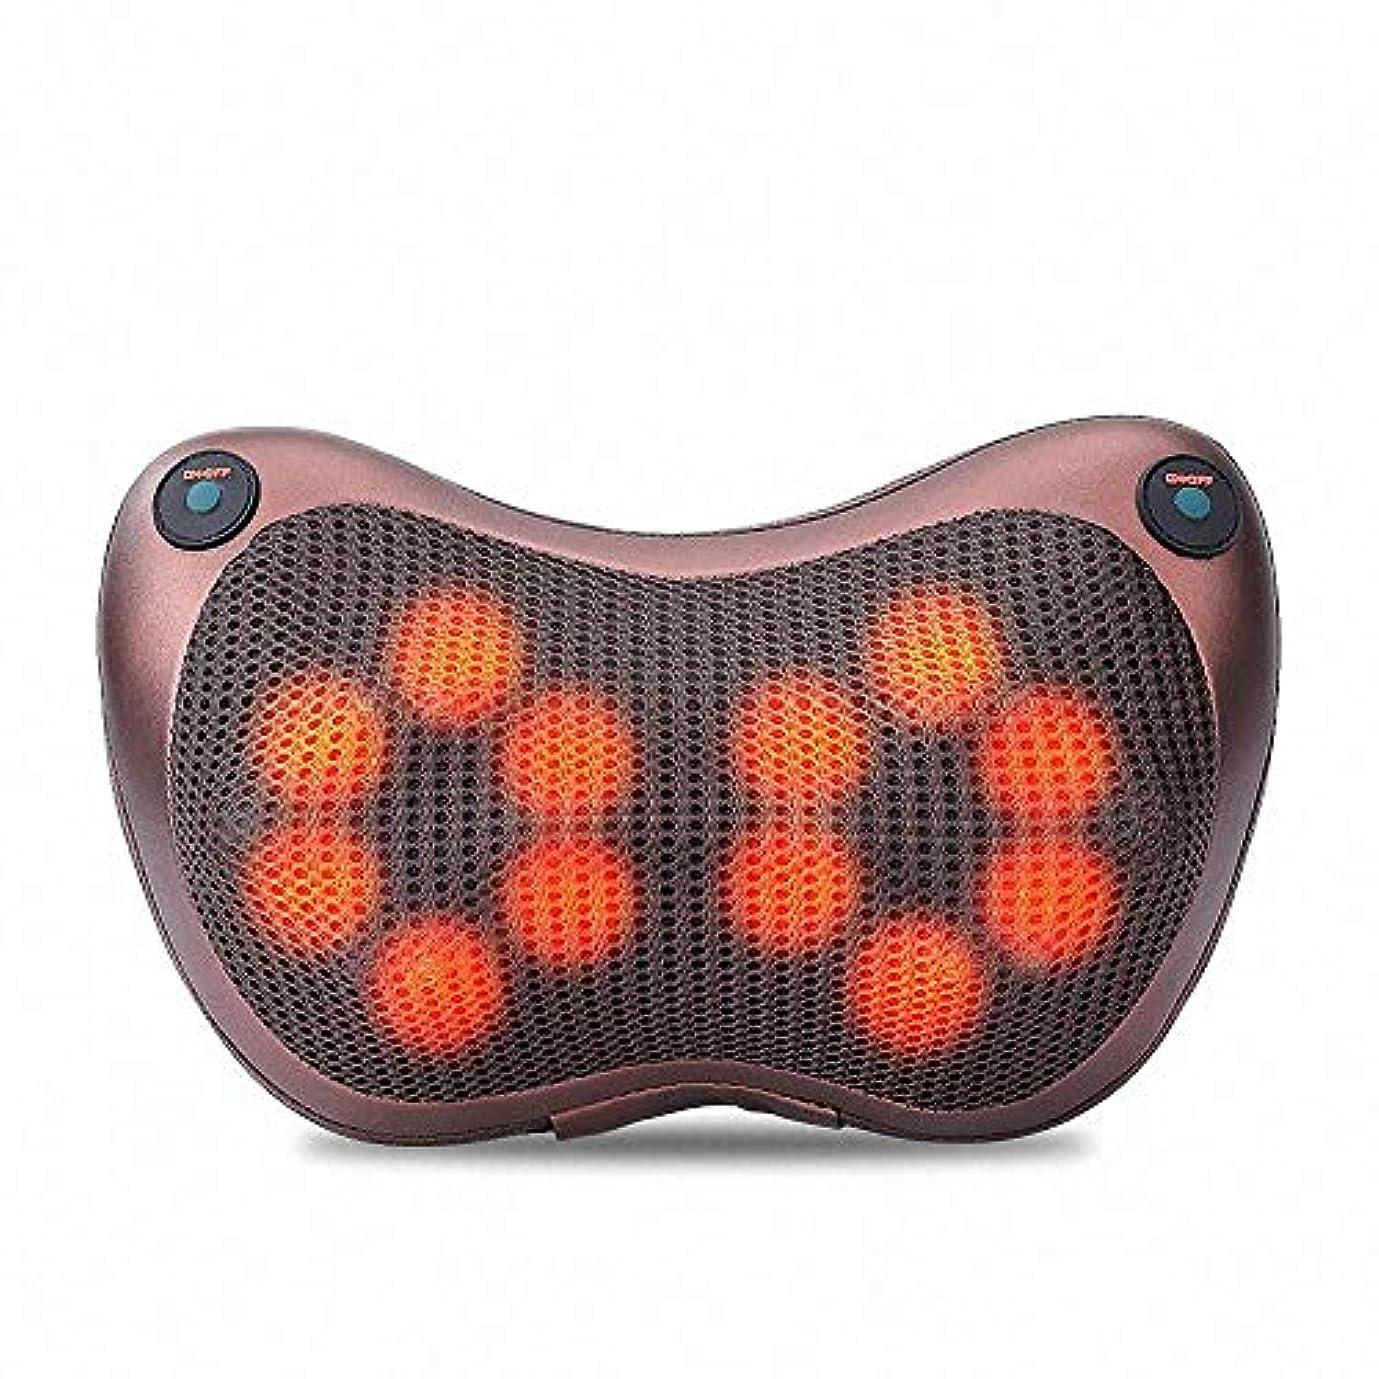 報奨金フレッシュロッカー12球マッサージ枕3D肩首マッサージャー正転&反転電動 赤外線療法ストレス解消マッサージクッション